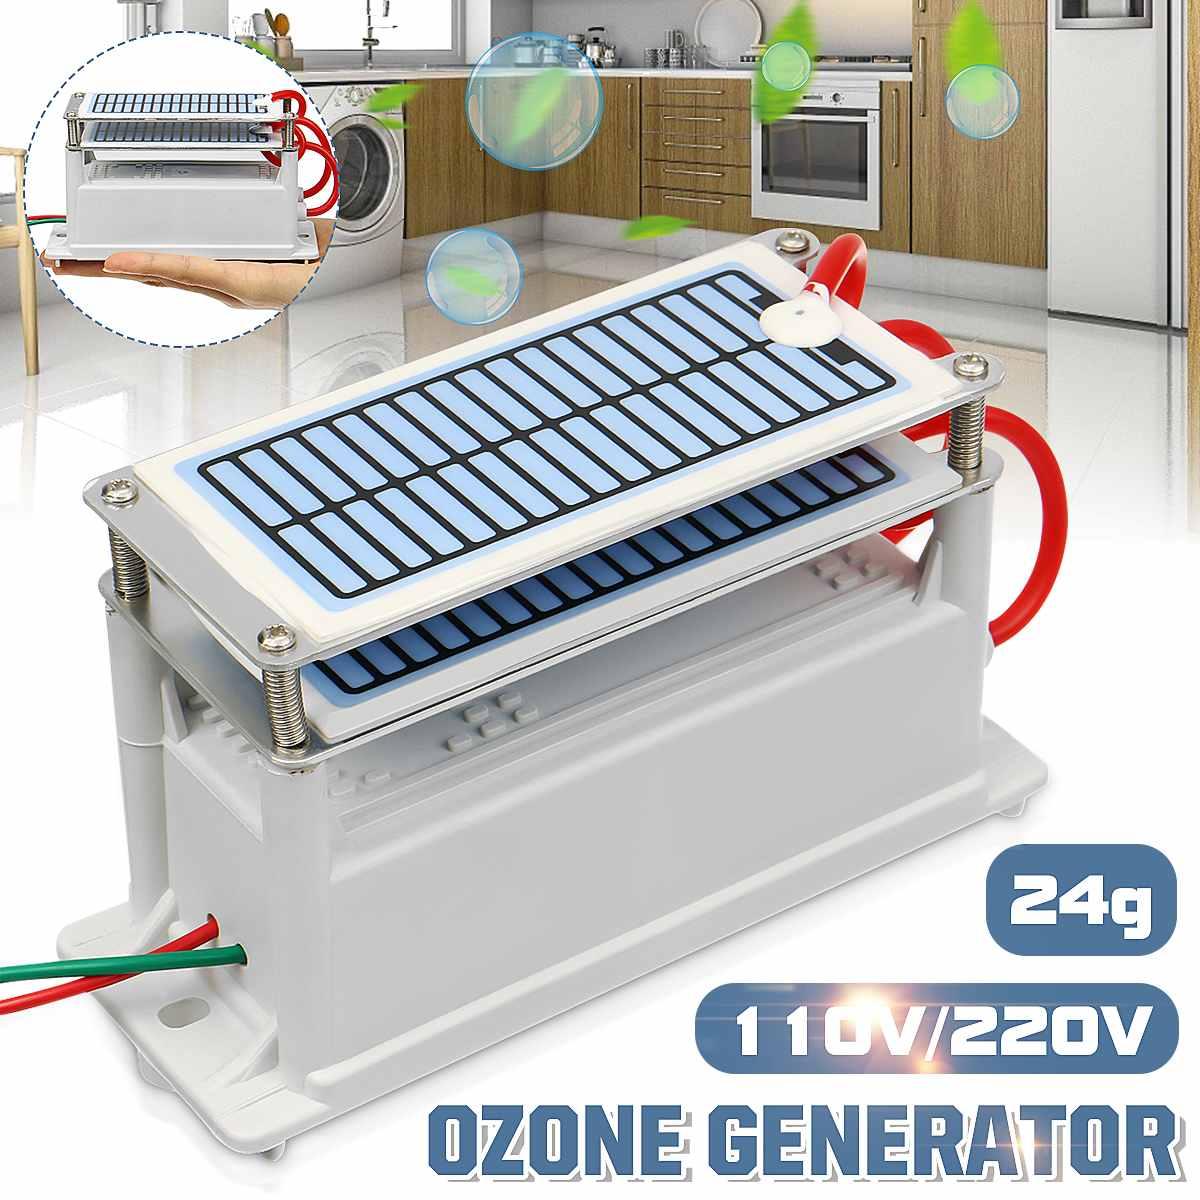 24 Гц/ч генератор озона посудомоечная машина холодильник озонатор воды очиститель воздуха активный кислородный стерилизатор стерилизация ...